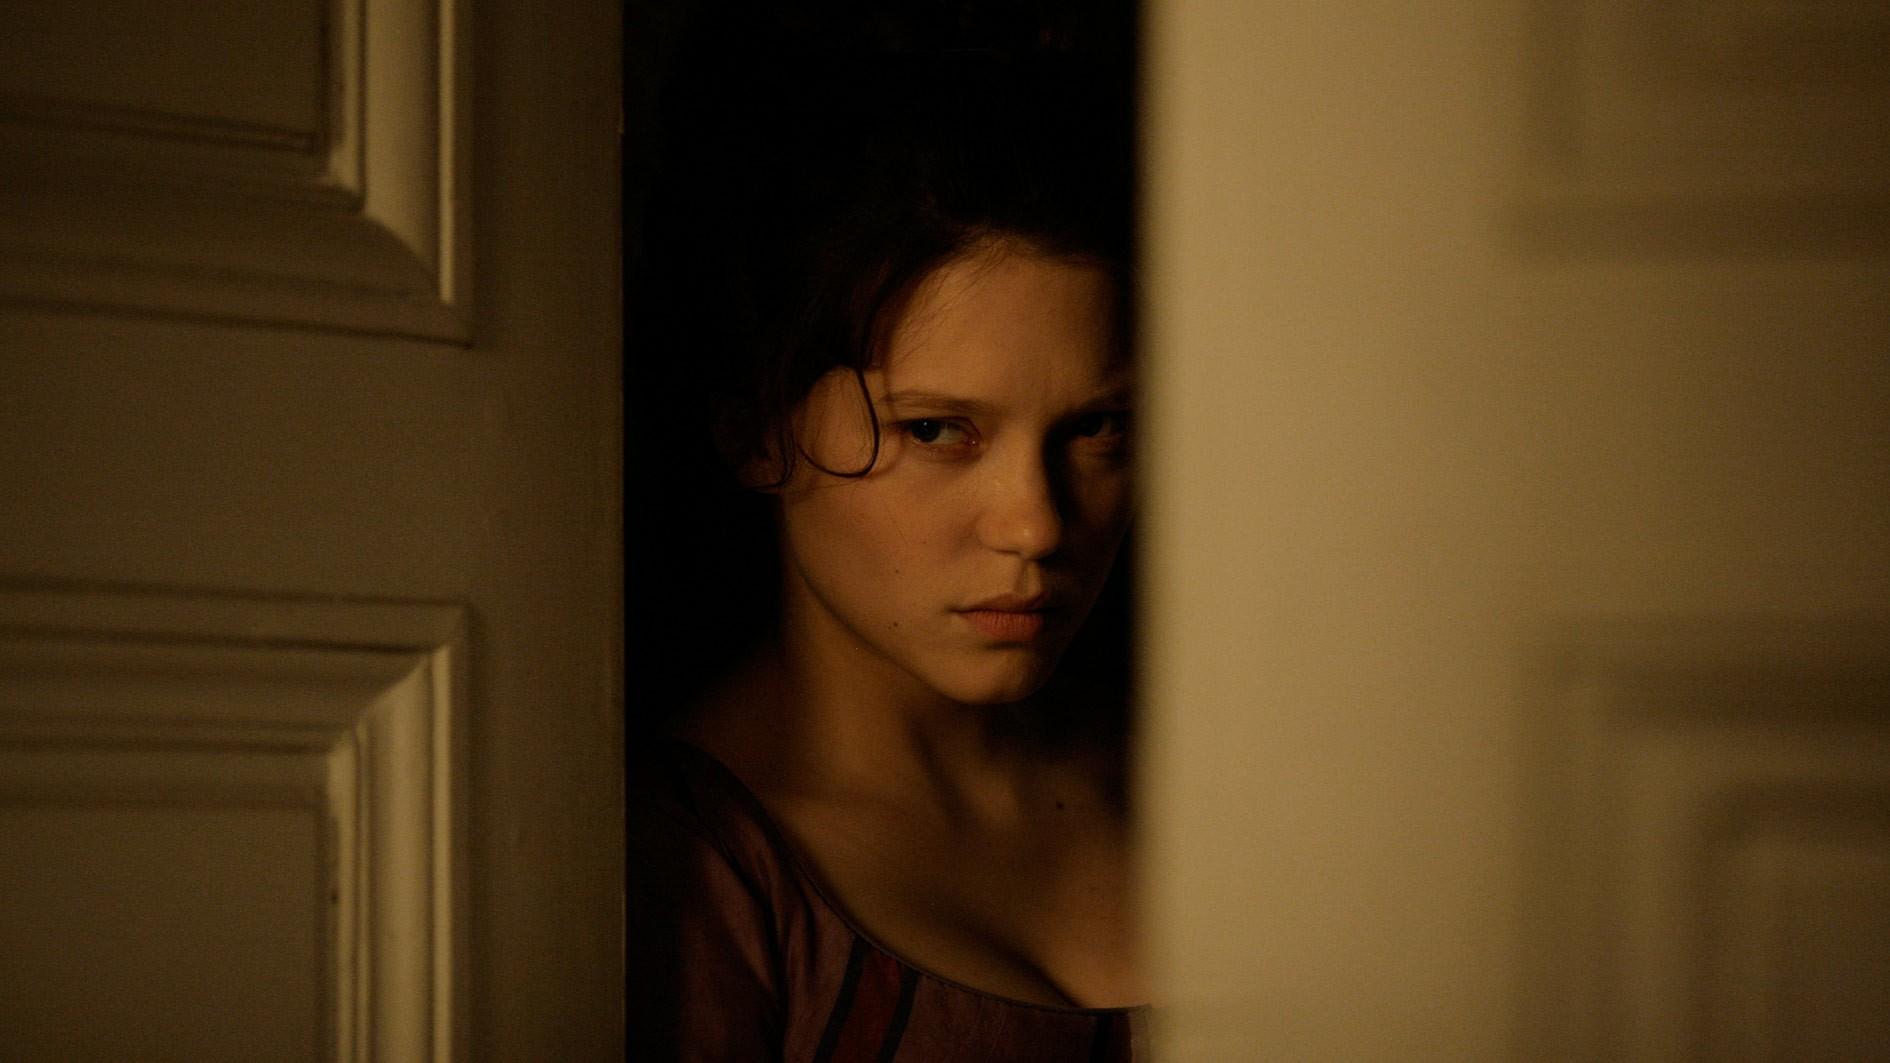 кадры из фильма Прощай, моя королева Лея Сейдо,